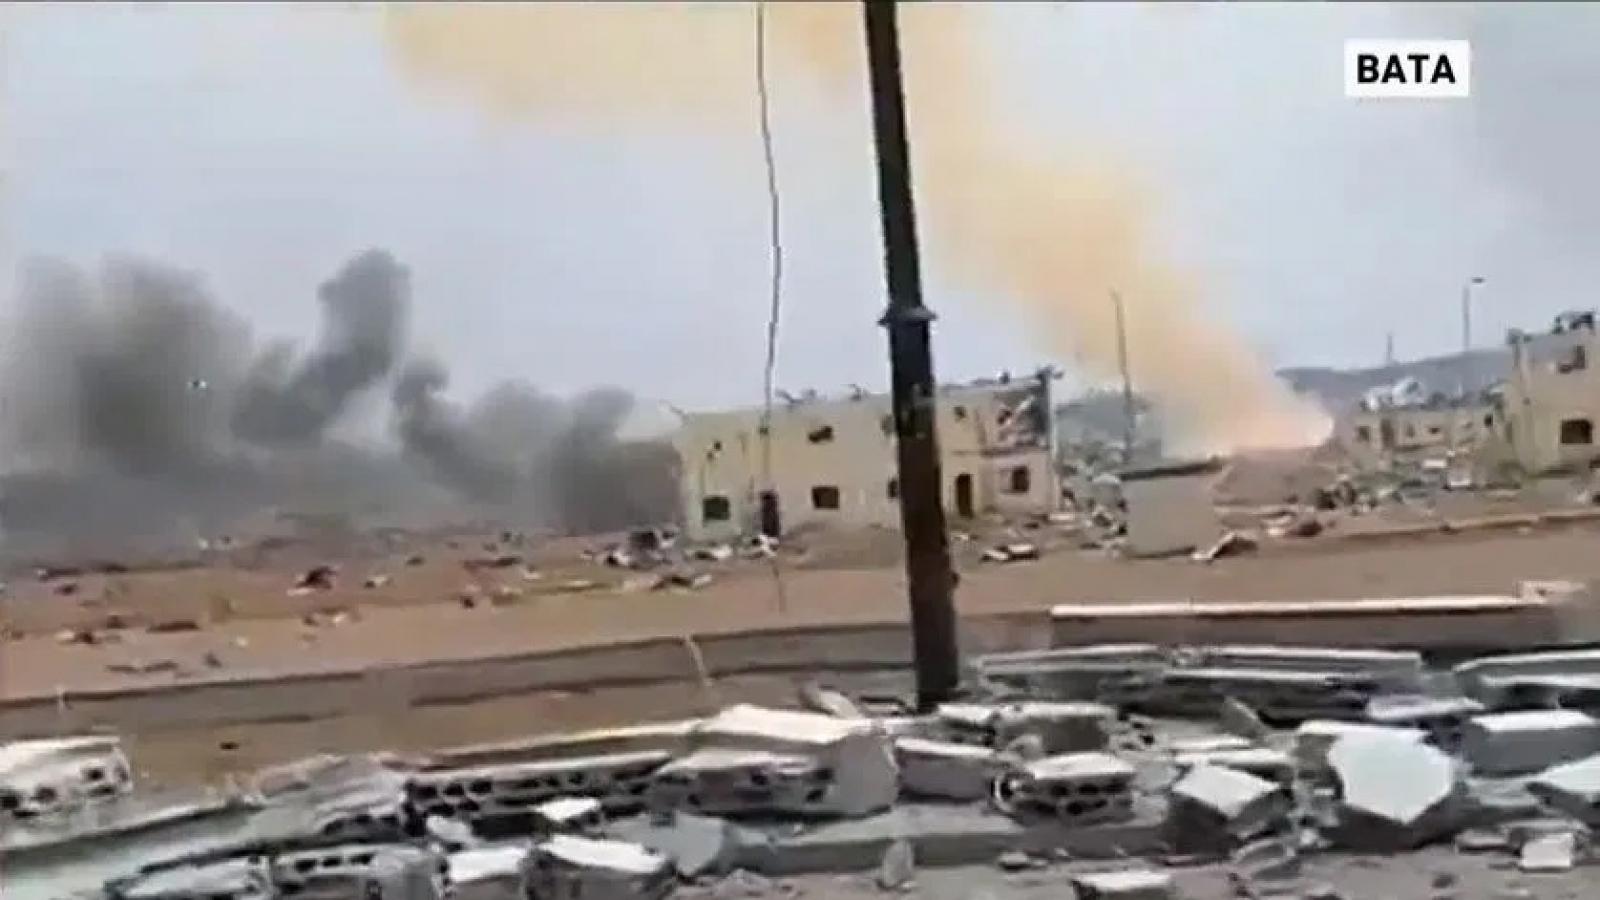 Sau loạt vụ nổ kinh hoàng, Guinea Xích đạo kêu gọi hỗ trợ quốc tế